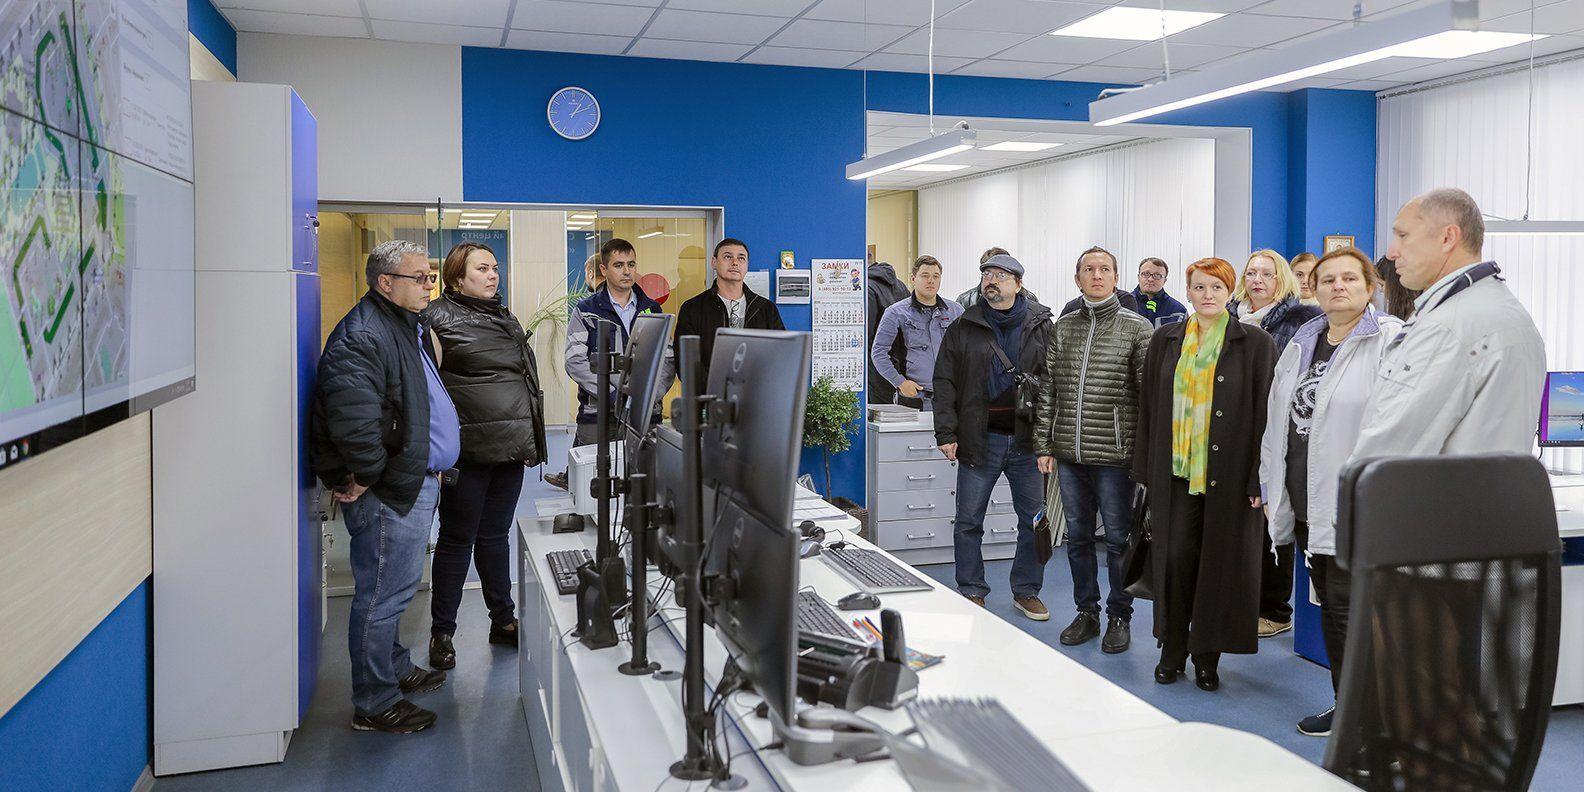 Экскурсантам показали, какие умные технологии появляются в жилых кварталах. Фото: сайт мэра Москвы